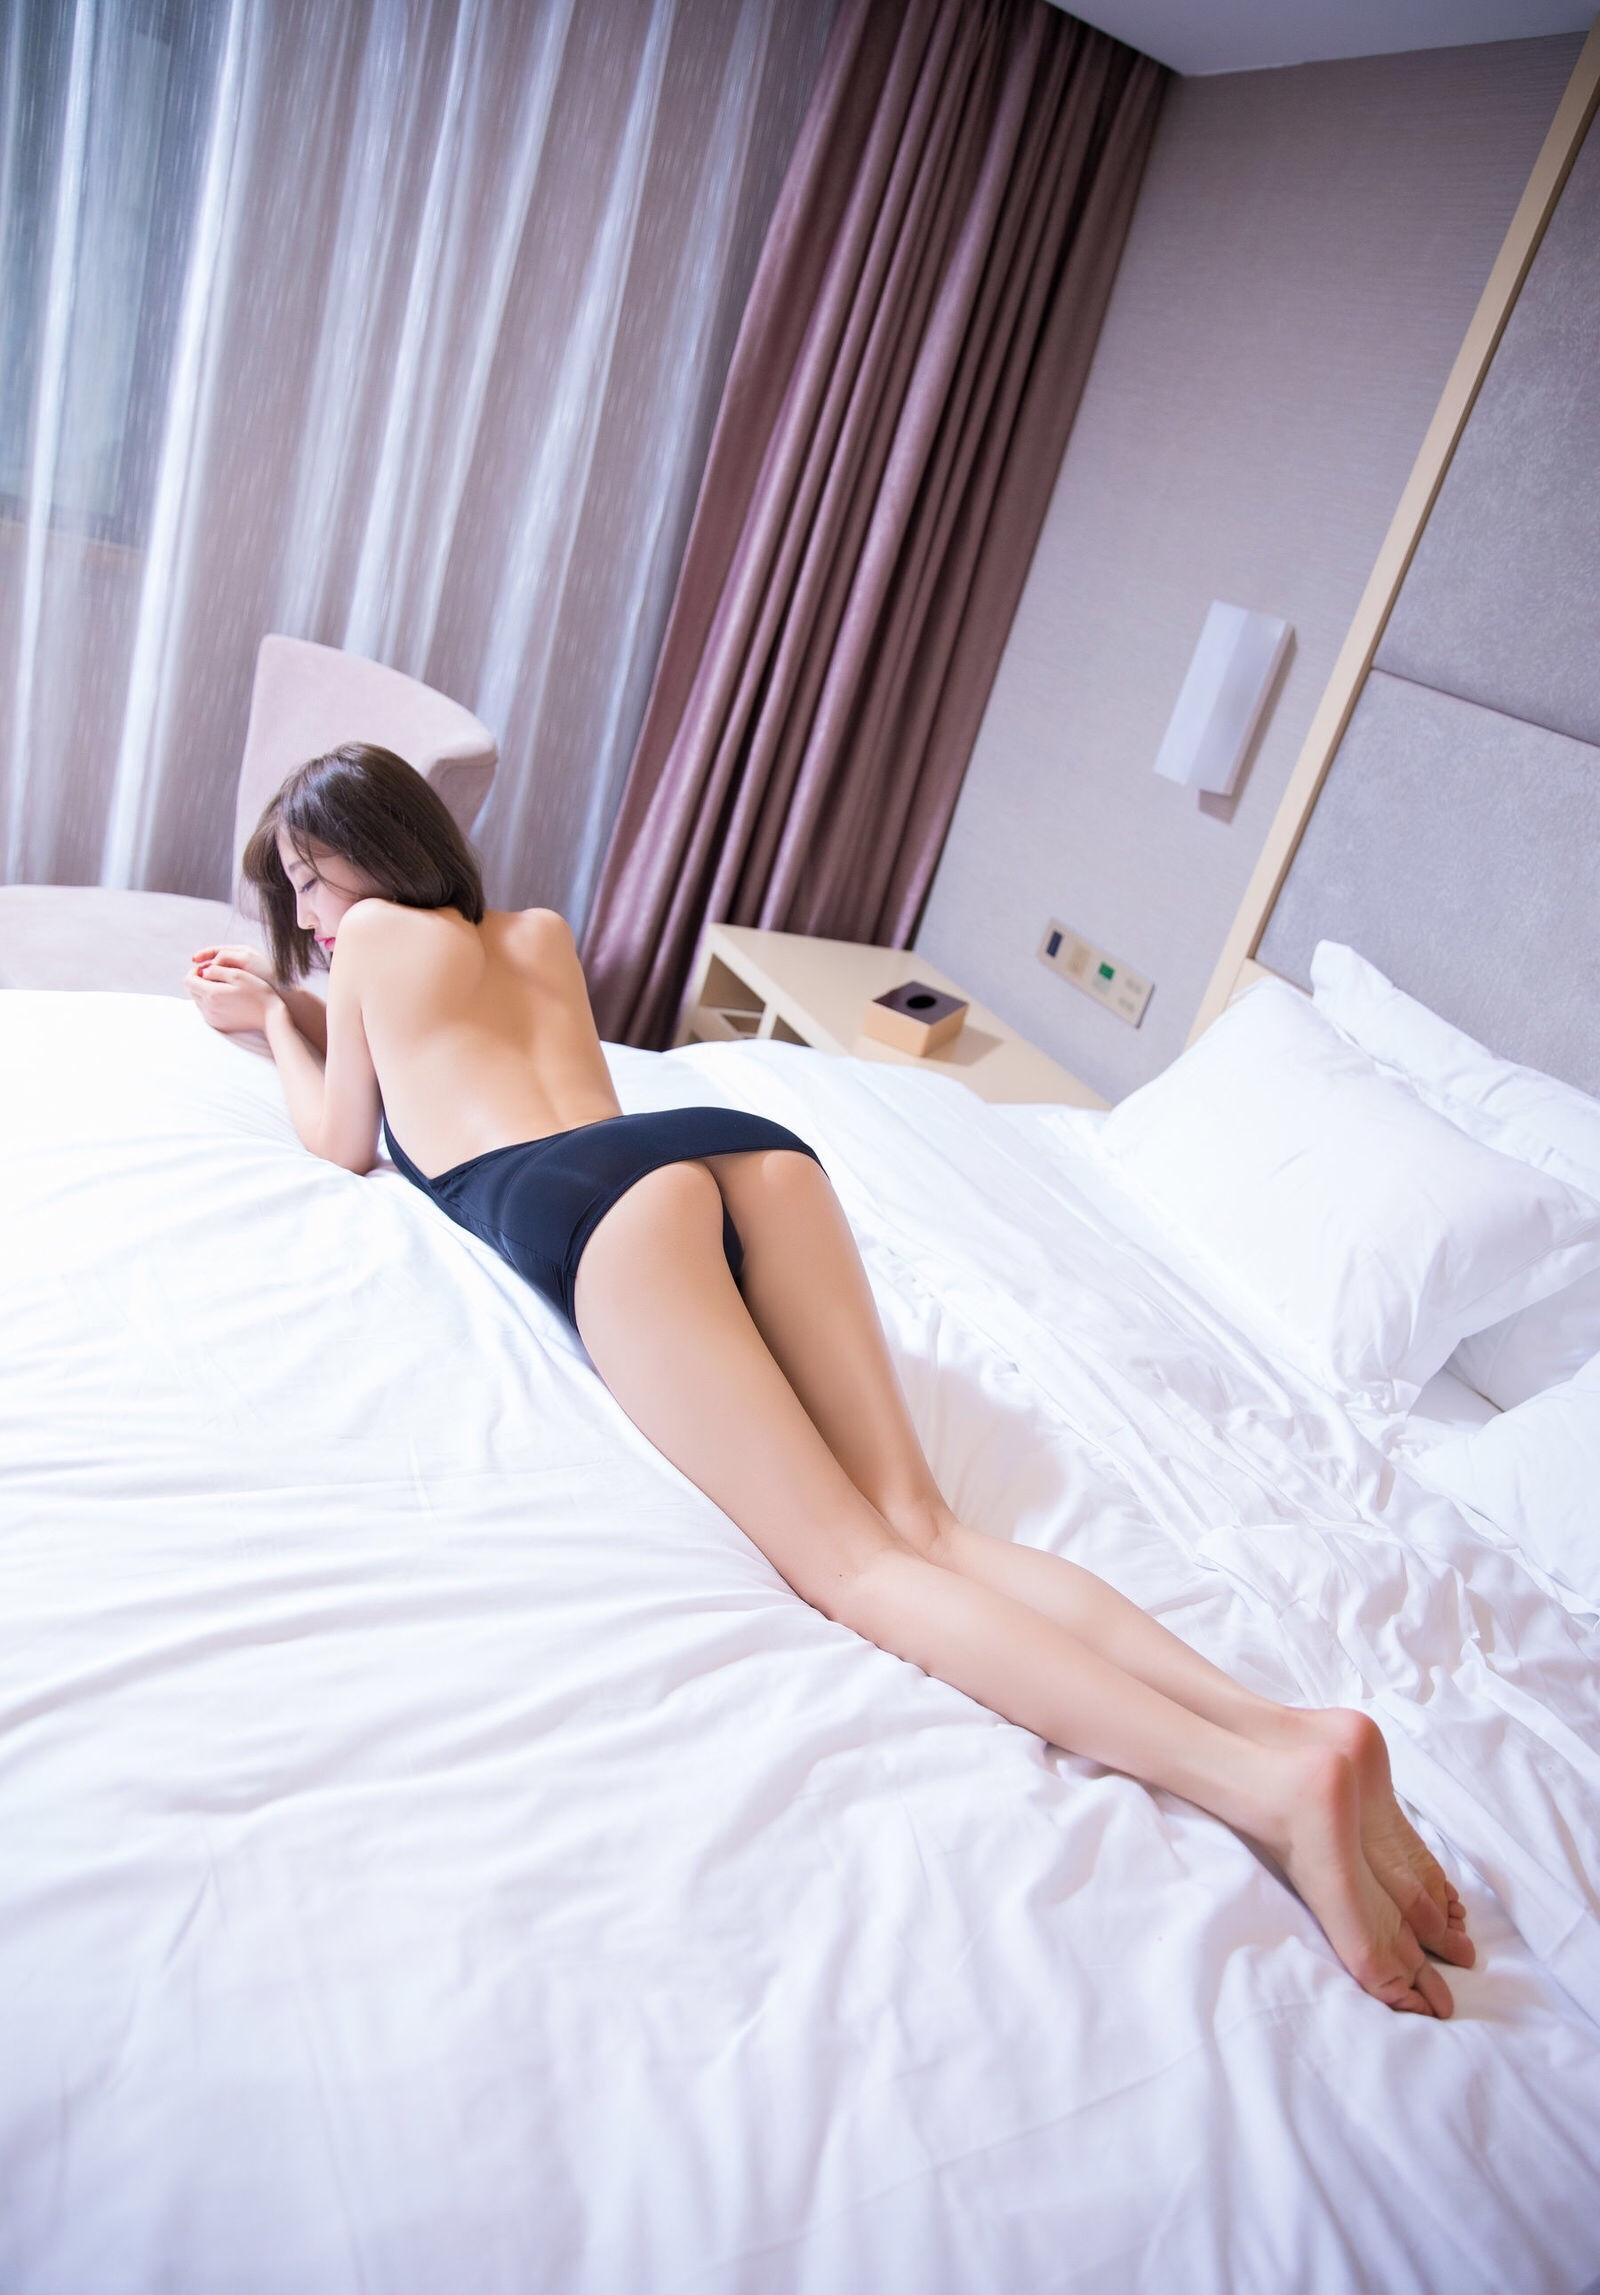 杨晨晨のセクシーすぎるボディコンドレス 2